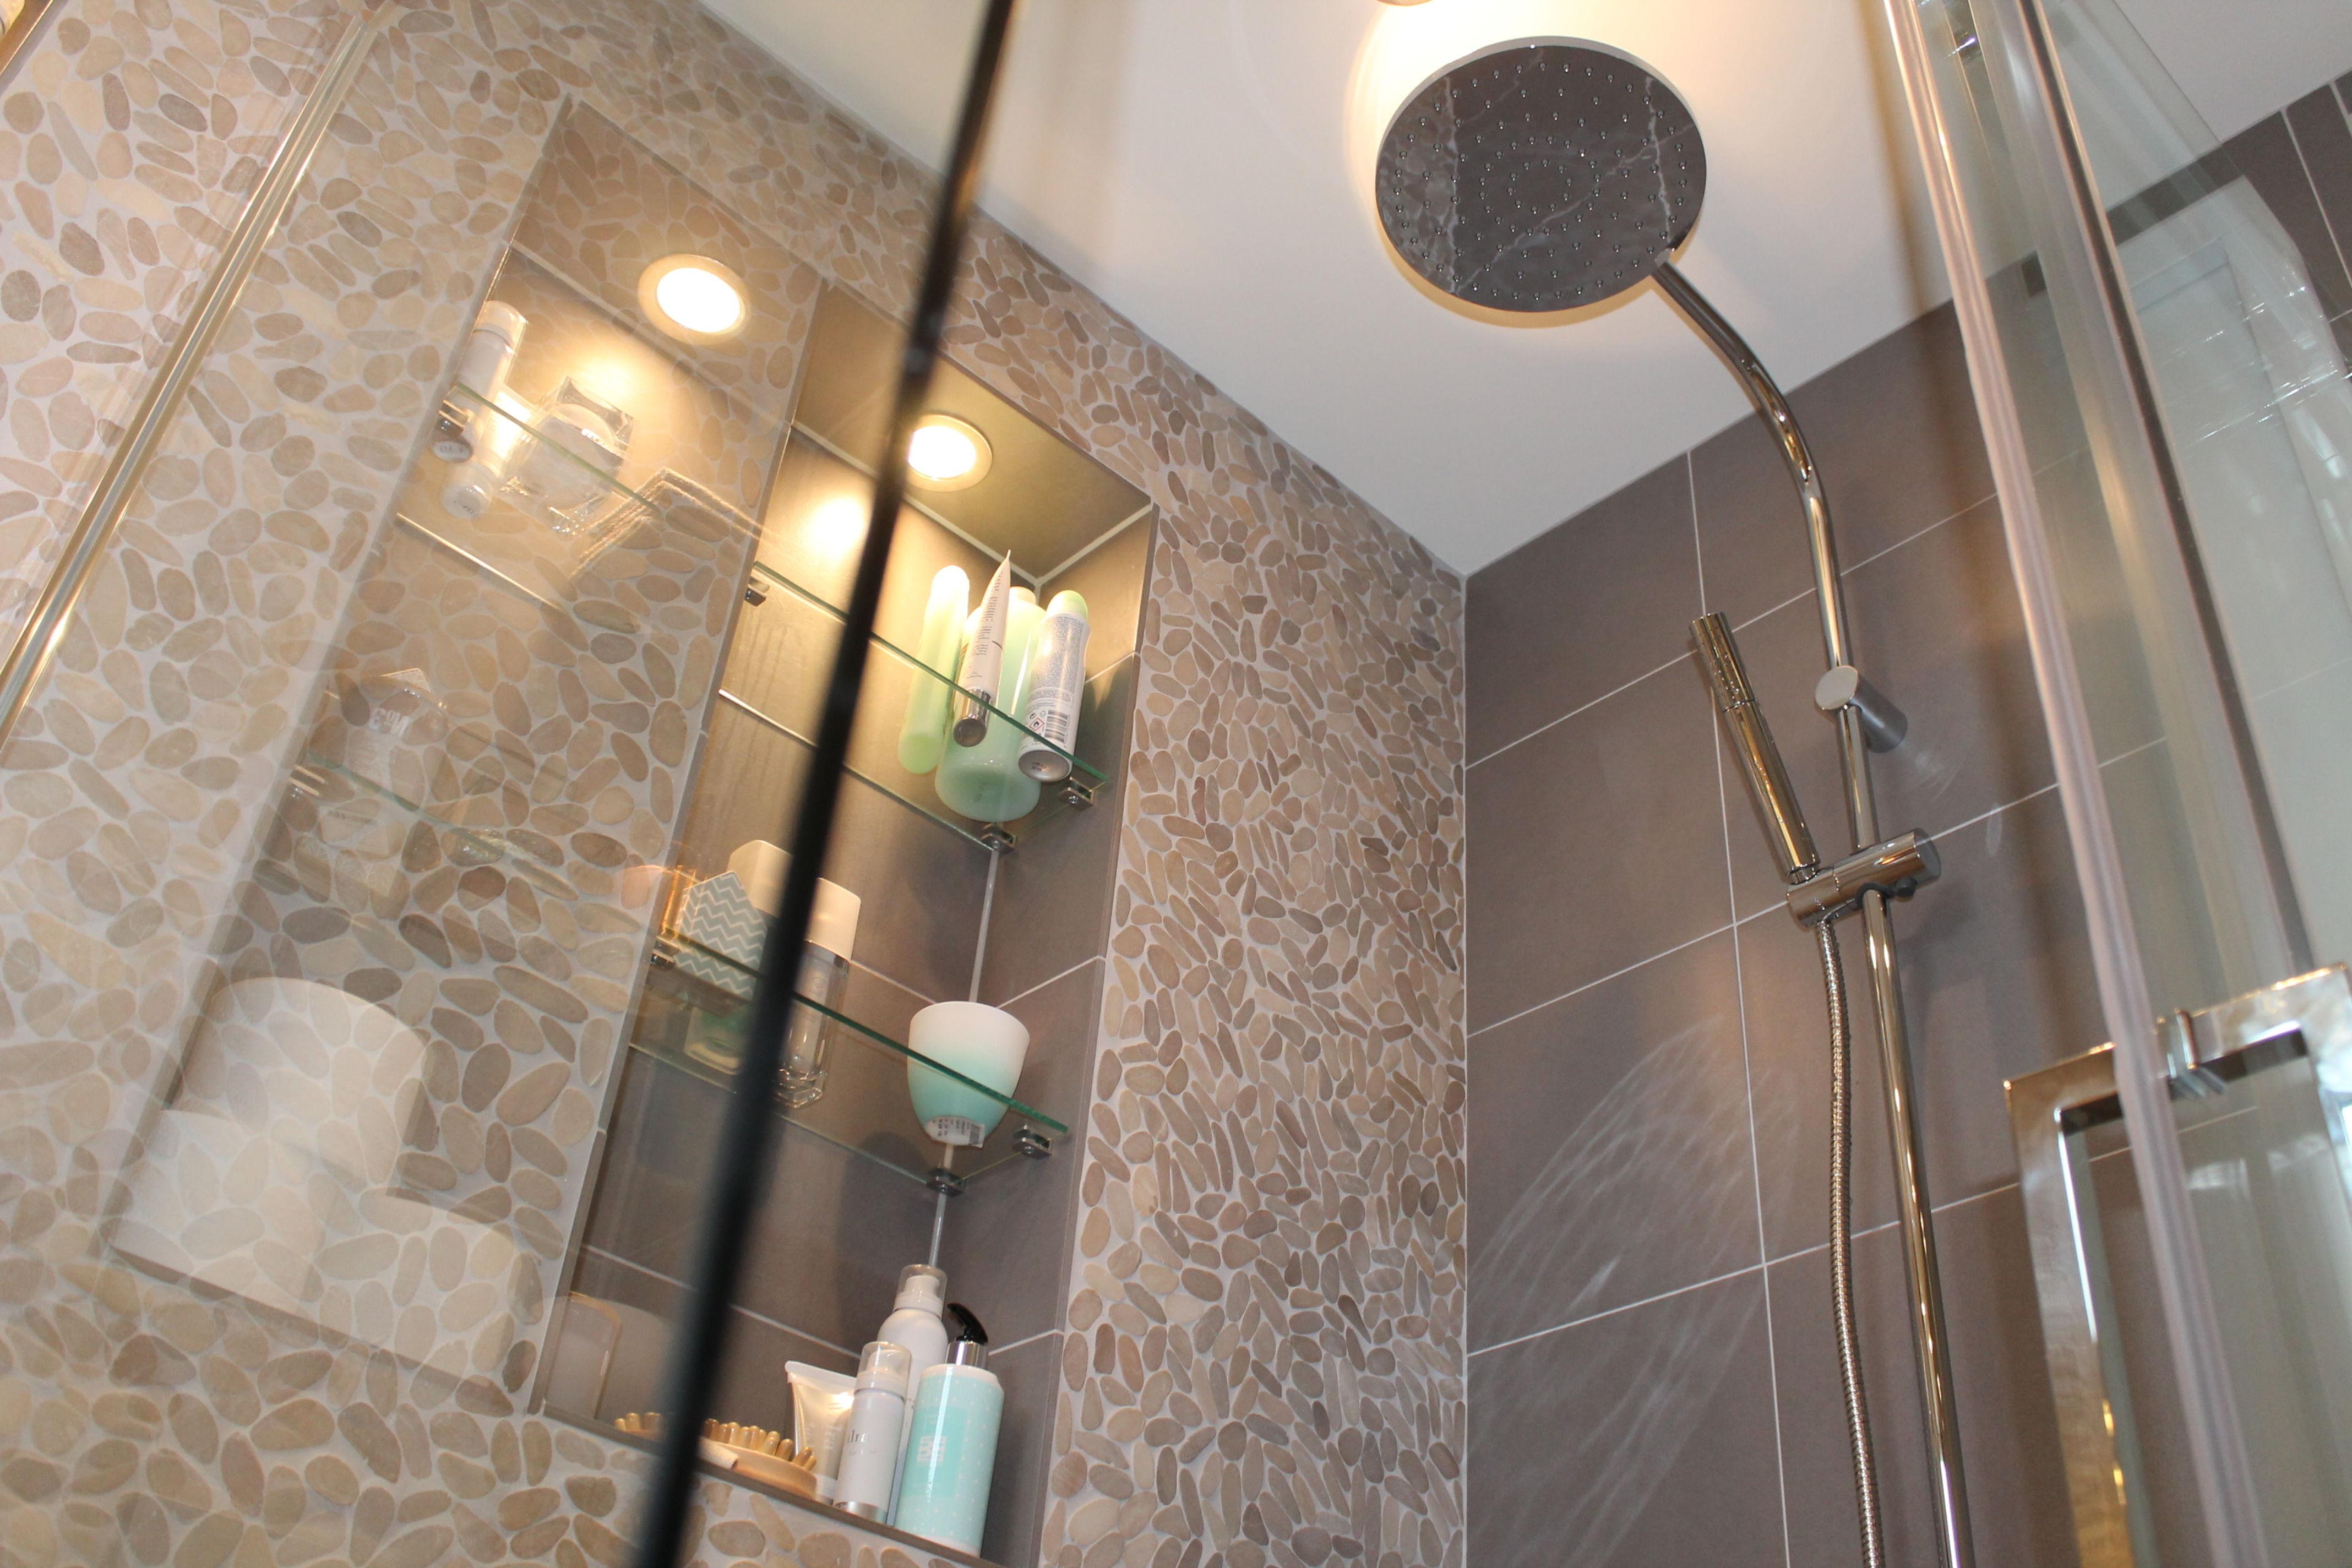 Tegelverf Badkamer Kopen : Alles over badkamer bad en douche vind je op praxis.nl praxis